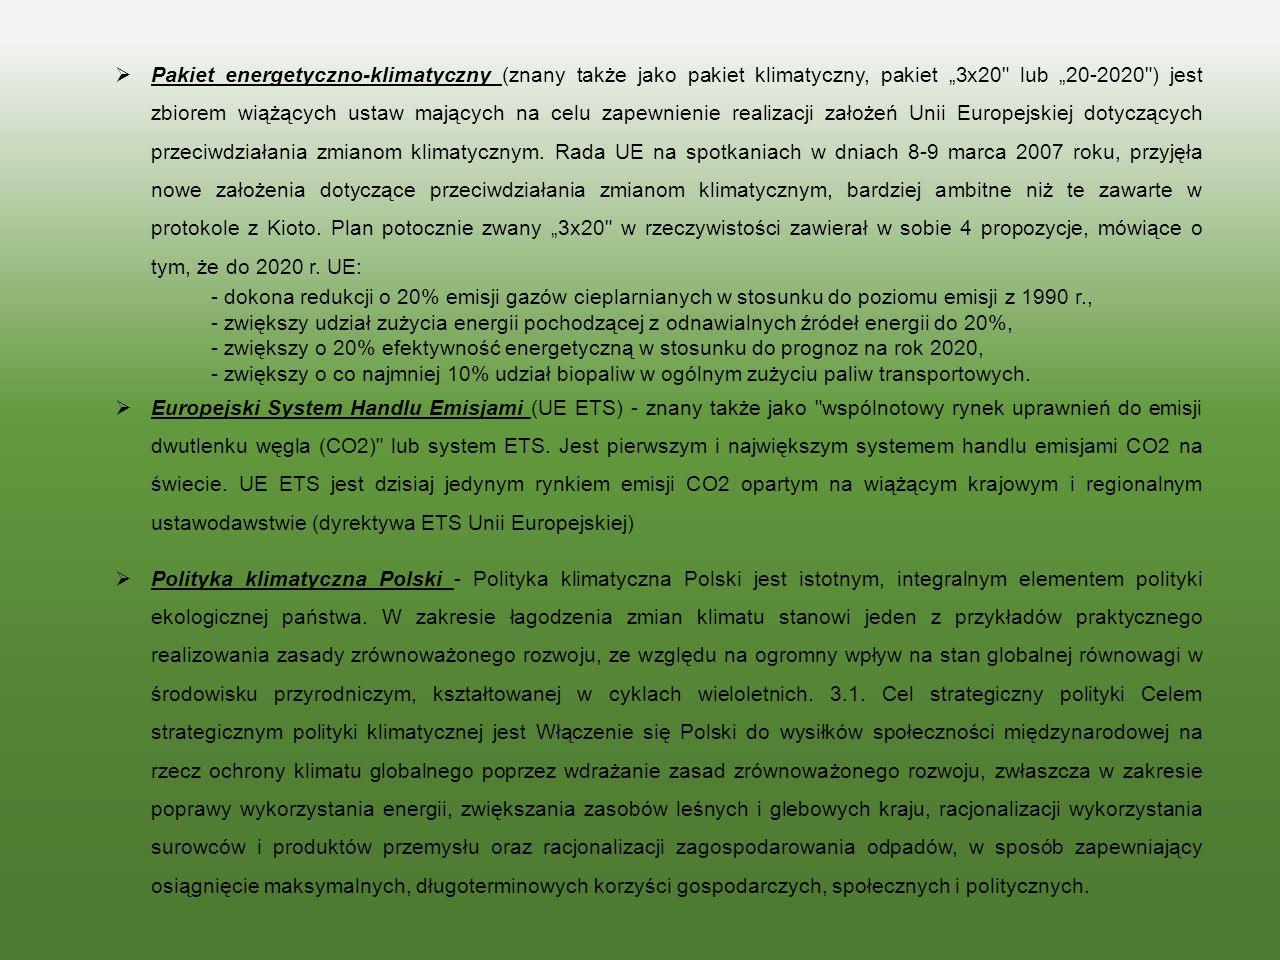 """ Pakiet energetyczno-klimatyczny (znany także jako pakiet klimatyczny, pakiet """"3x20 lub """"20-2020 ) jest zbiorem wiążących ustaw mających na celu zapewnienie realizacji założeń Unii Europejskiej dotyczących przeciwdziałania zmianom klimatycznym."""